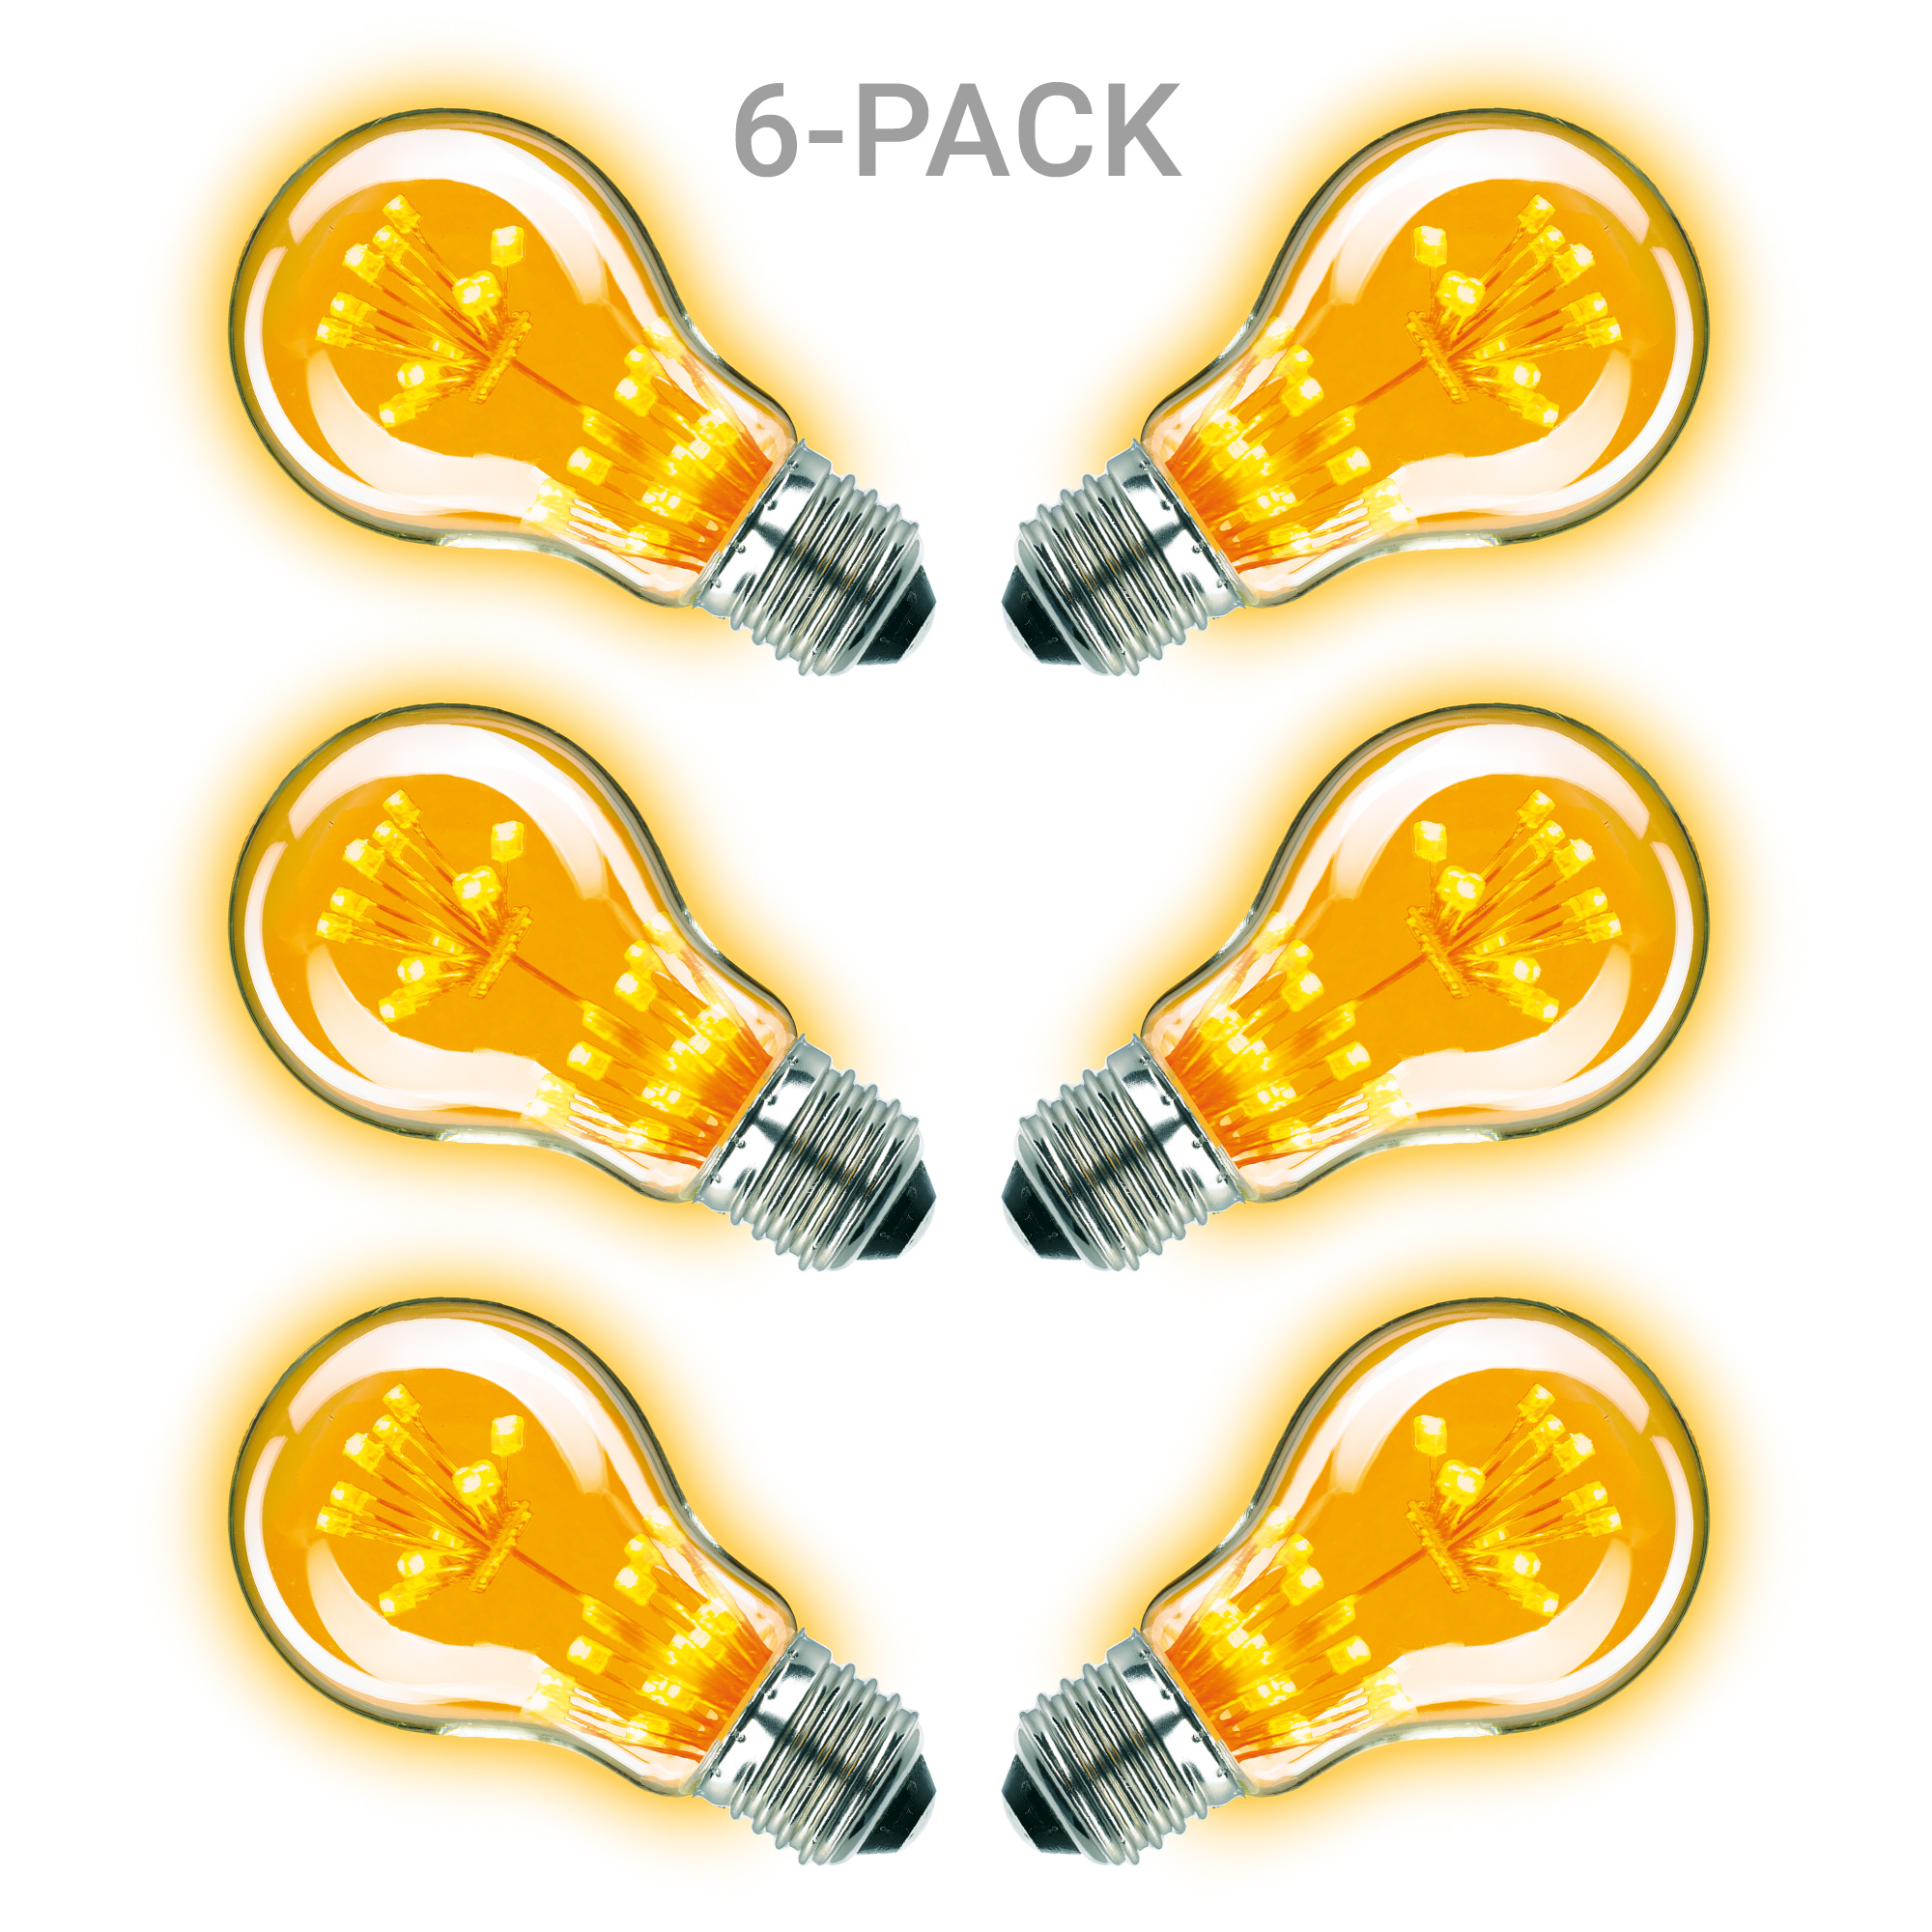 6-pack classic LED